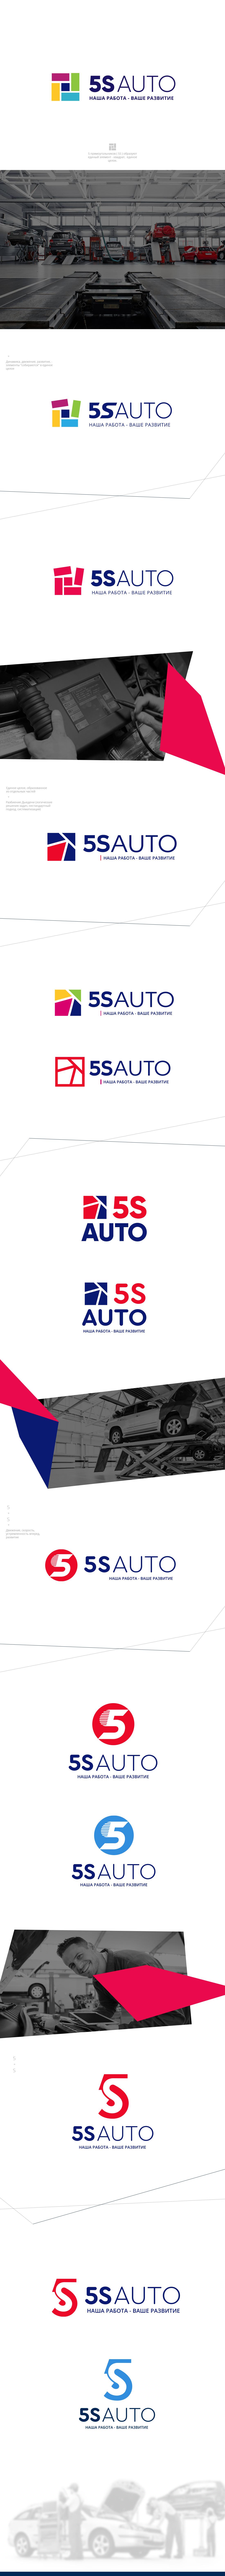 5S AUTO - системы автоматизации для автобизнеса